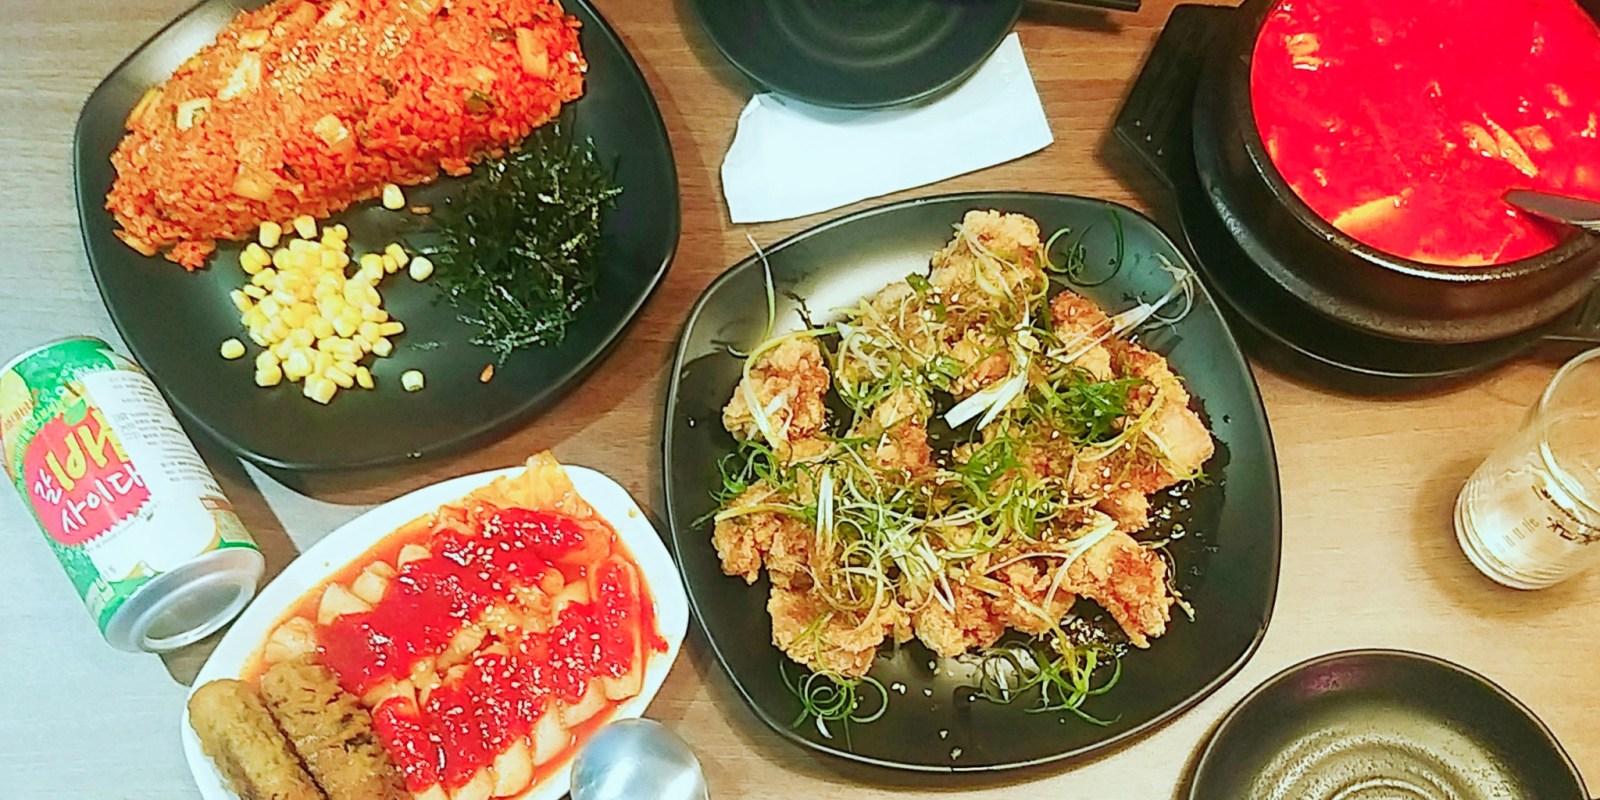 台南韓式料理宵夜!迷幻空間裏的「草屋 Agave House」